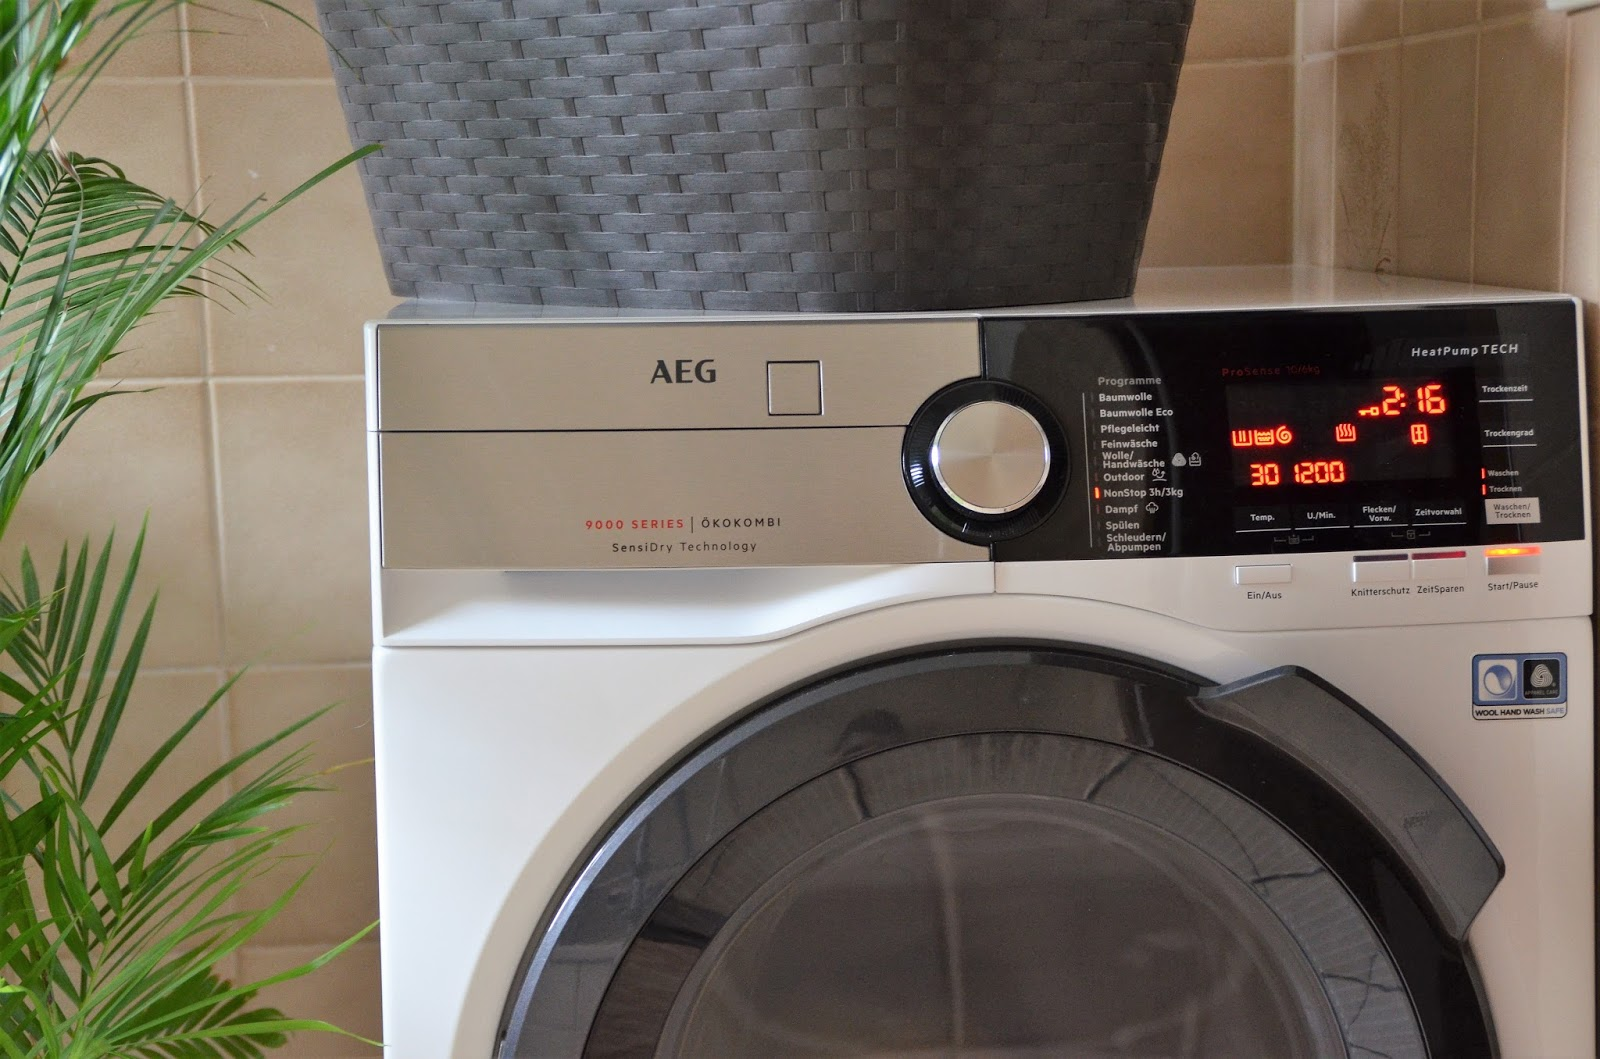 Waschtrockner Von Aeg : Aeg waschtrockner anyarich